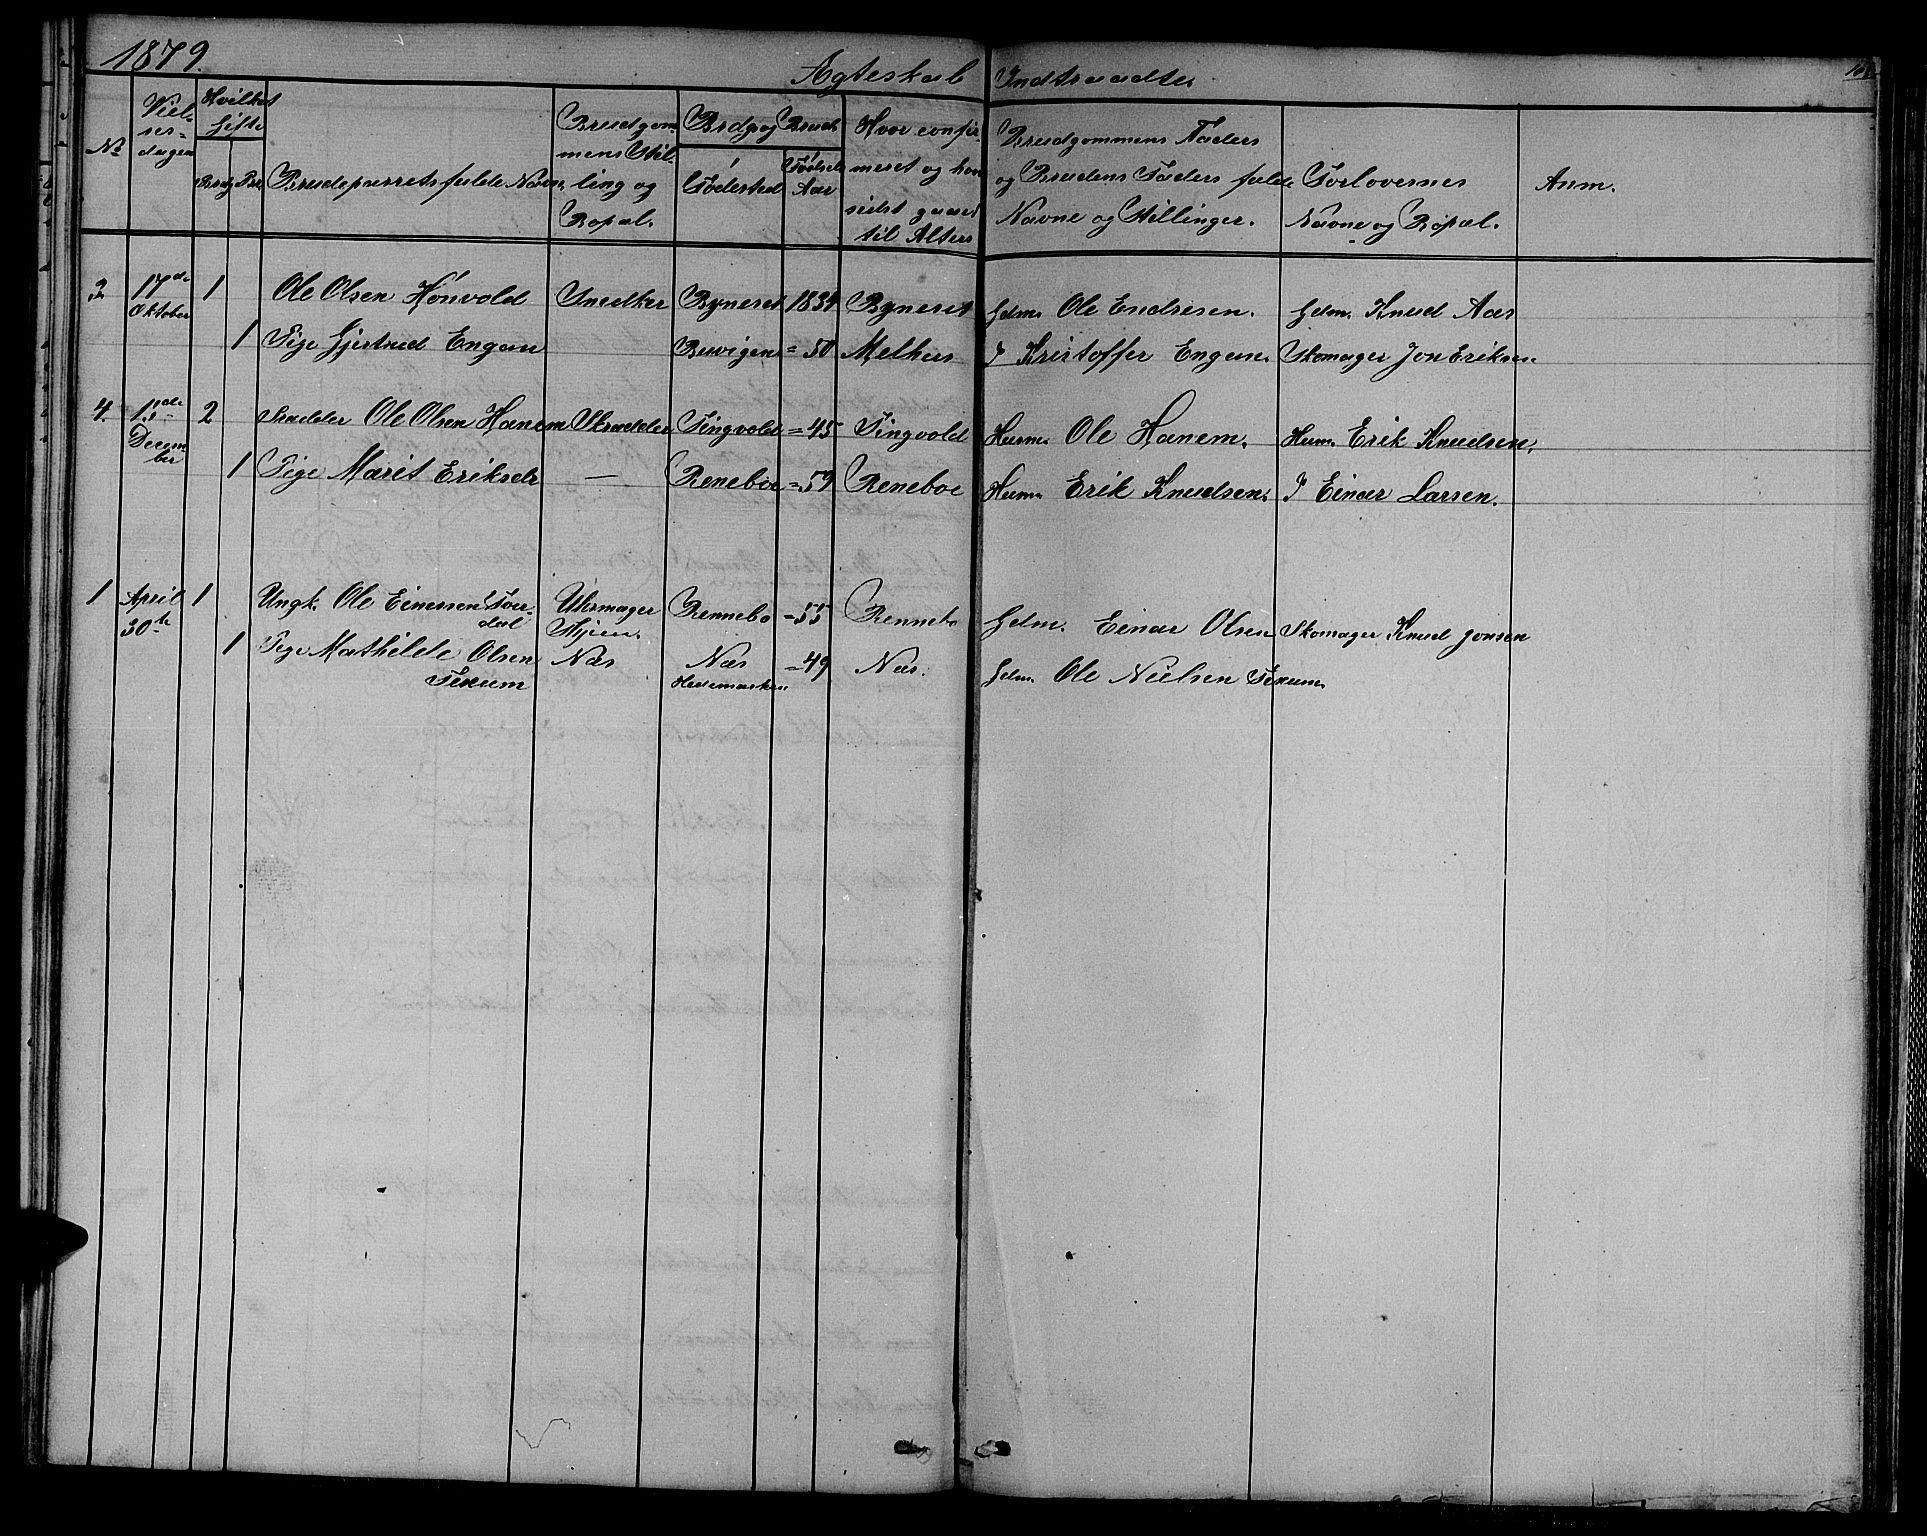 SAT, Ministerialprotokoller, klokkerbøker og fødselsregistre - Sør-Trøndelag, 611/L0353: Klokkerbok nr. 611C01, 1854-1881, s. 105